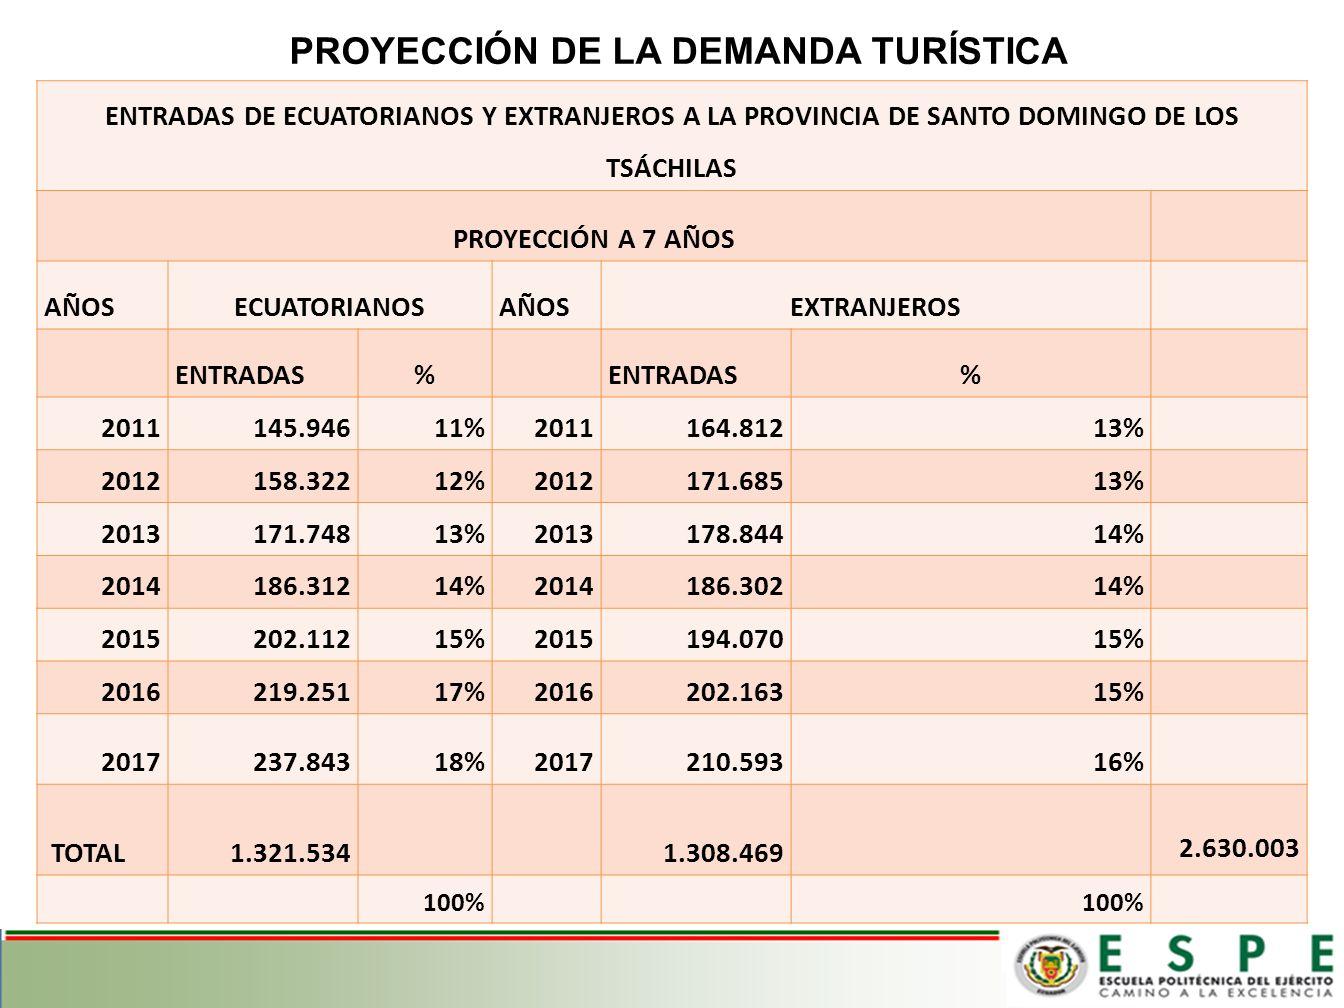 PROYECCIÓN DE LA DEMANDA TURÍSTICA EN SANTO DOMINGO DE LOS TSÁCHILAS